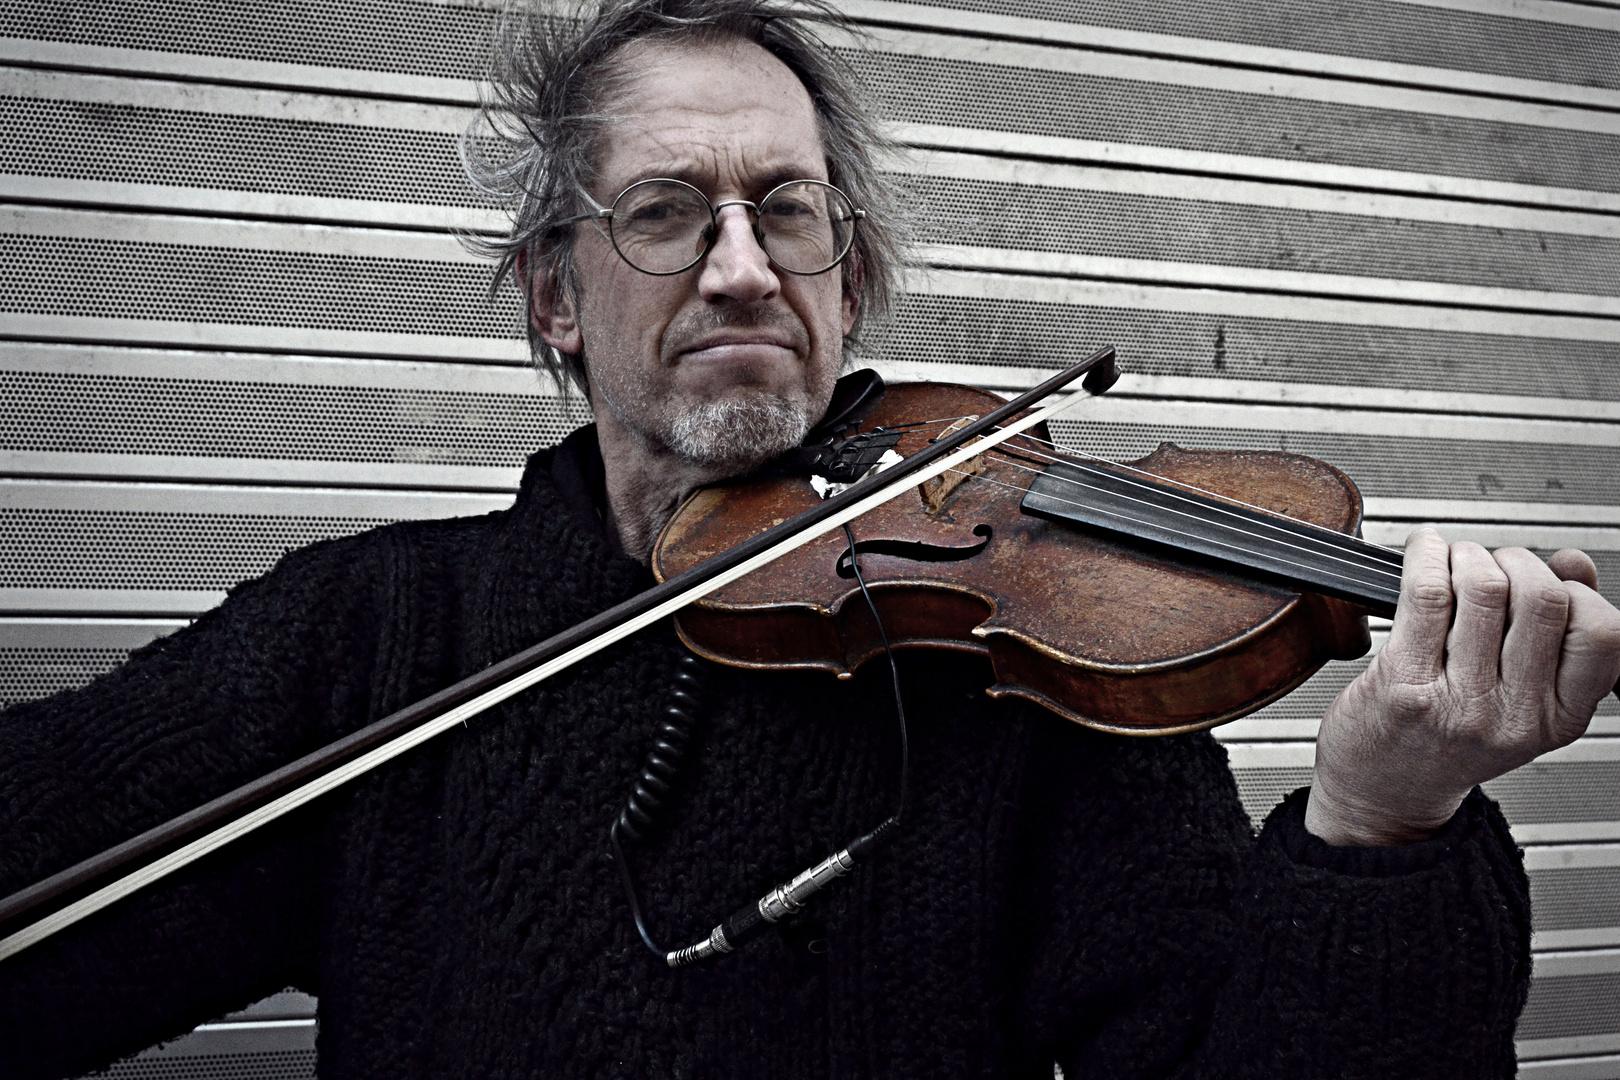 El silencio fotográfico de un viejo violín.